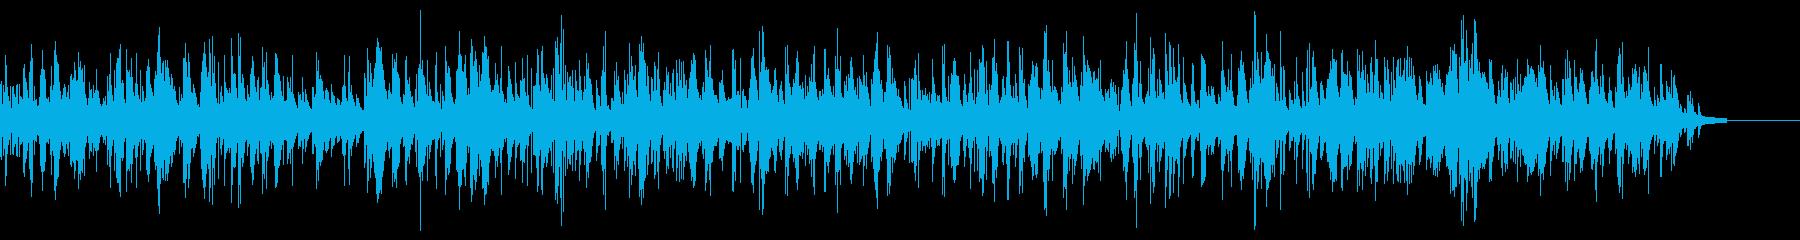 ラウンジのお洒落ジャズピアノバラードの再生済みの波形